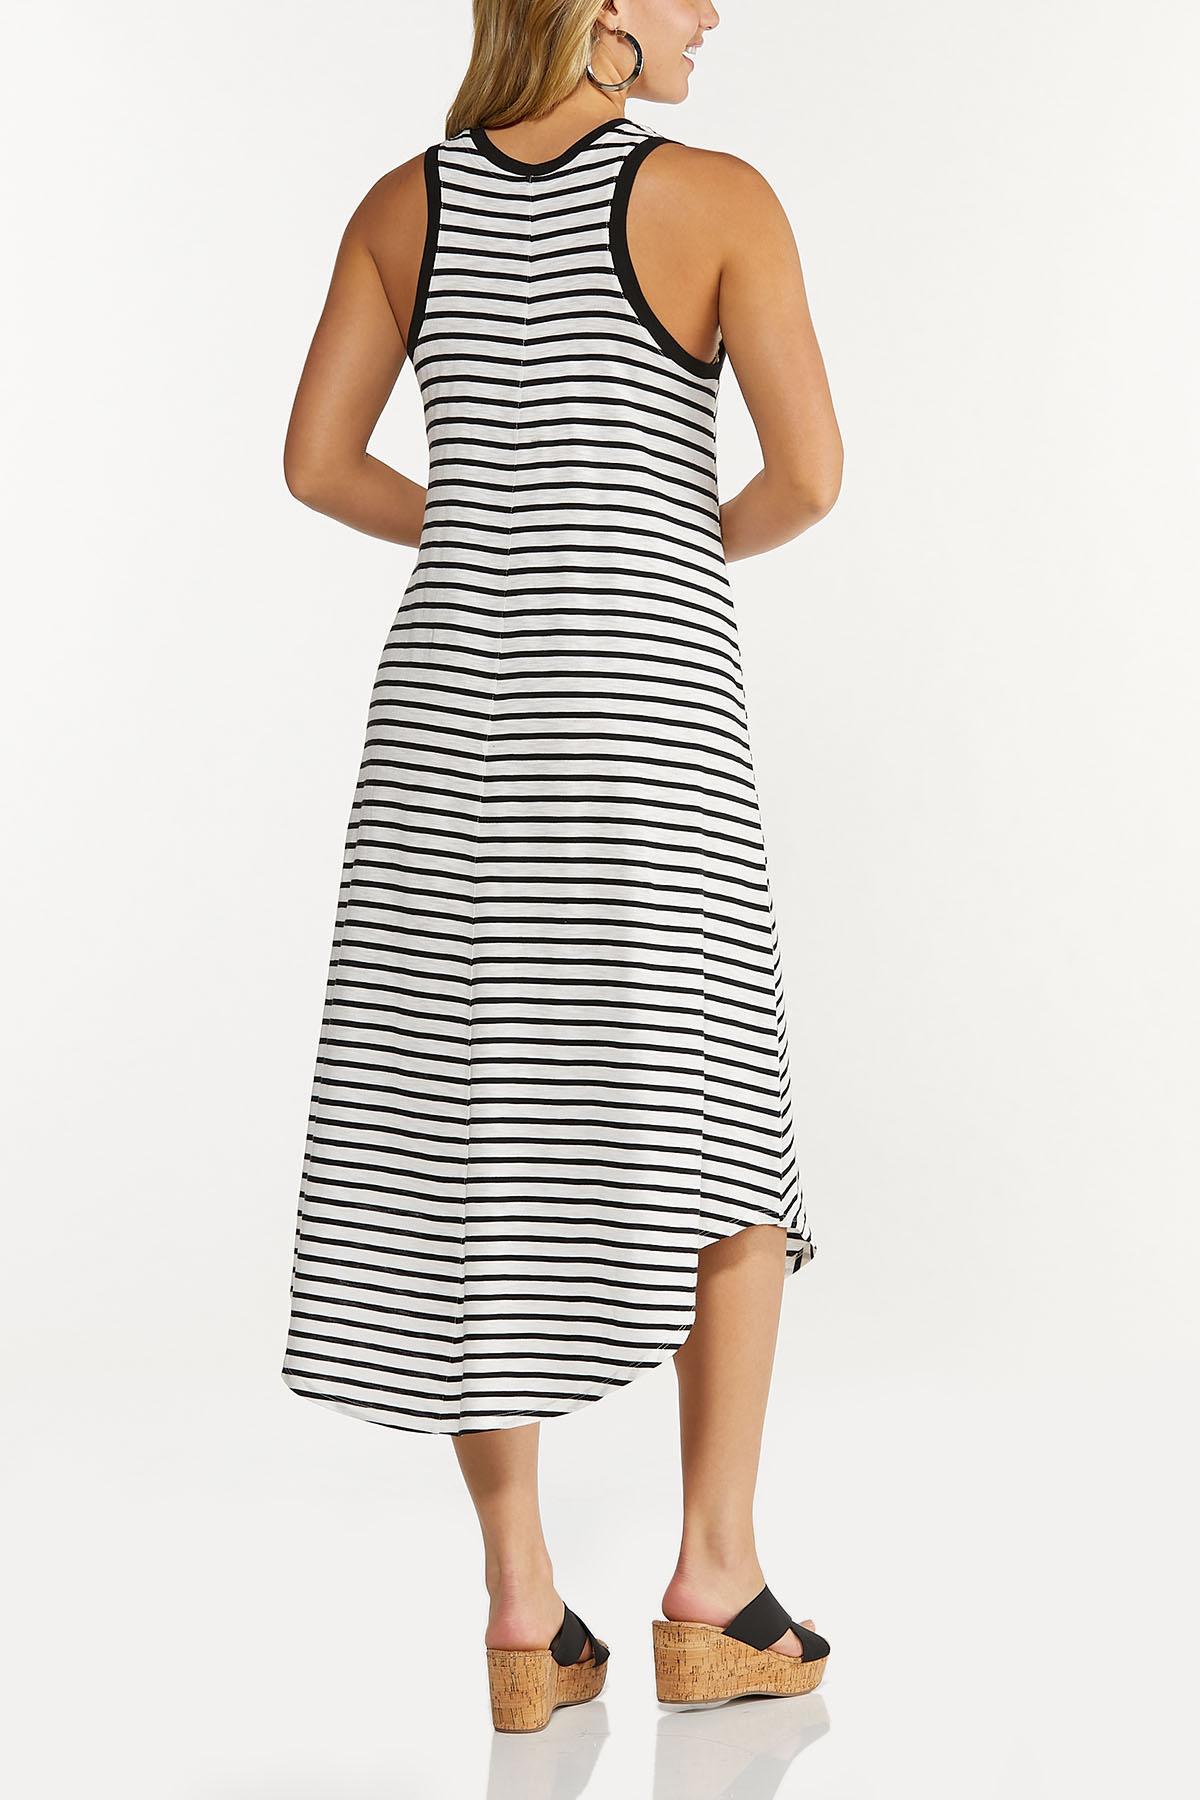 Striped Midi Dress (Item #44619471)